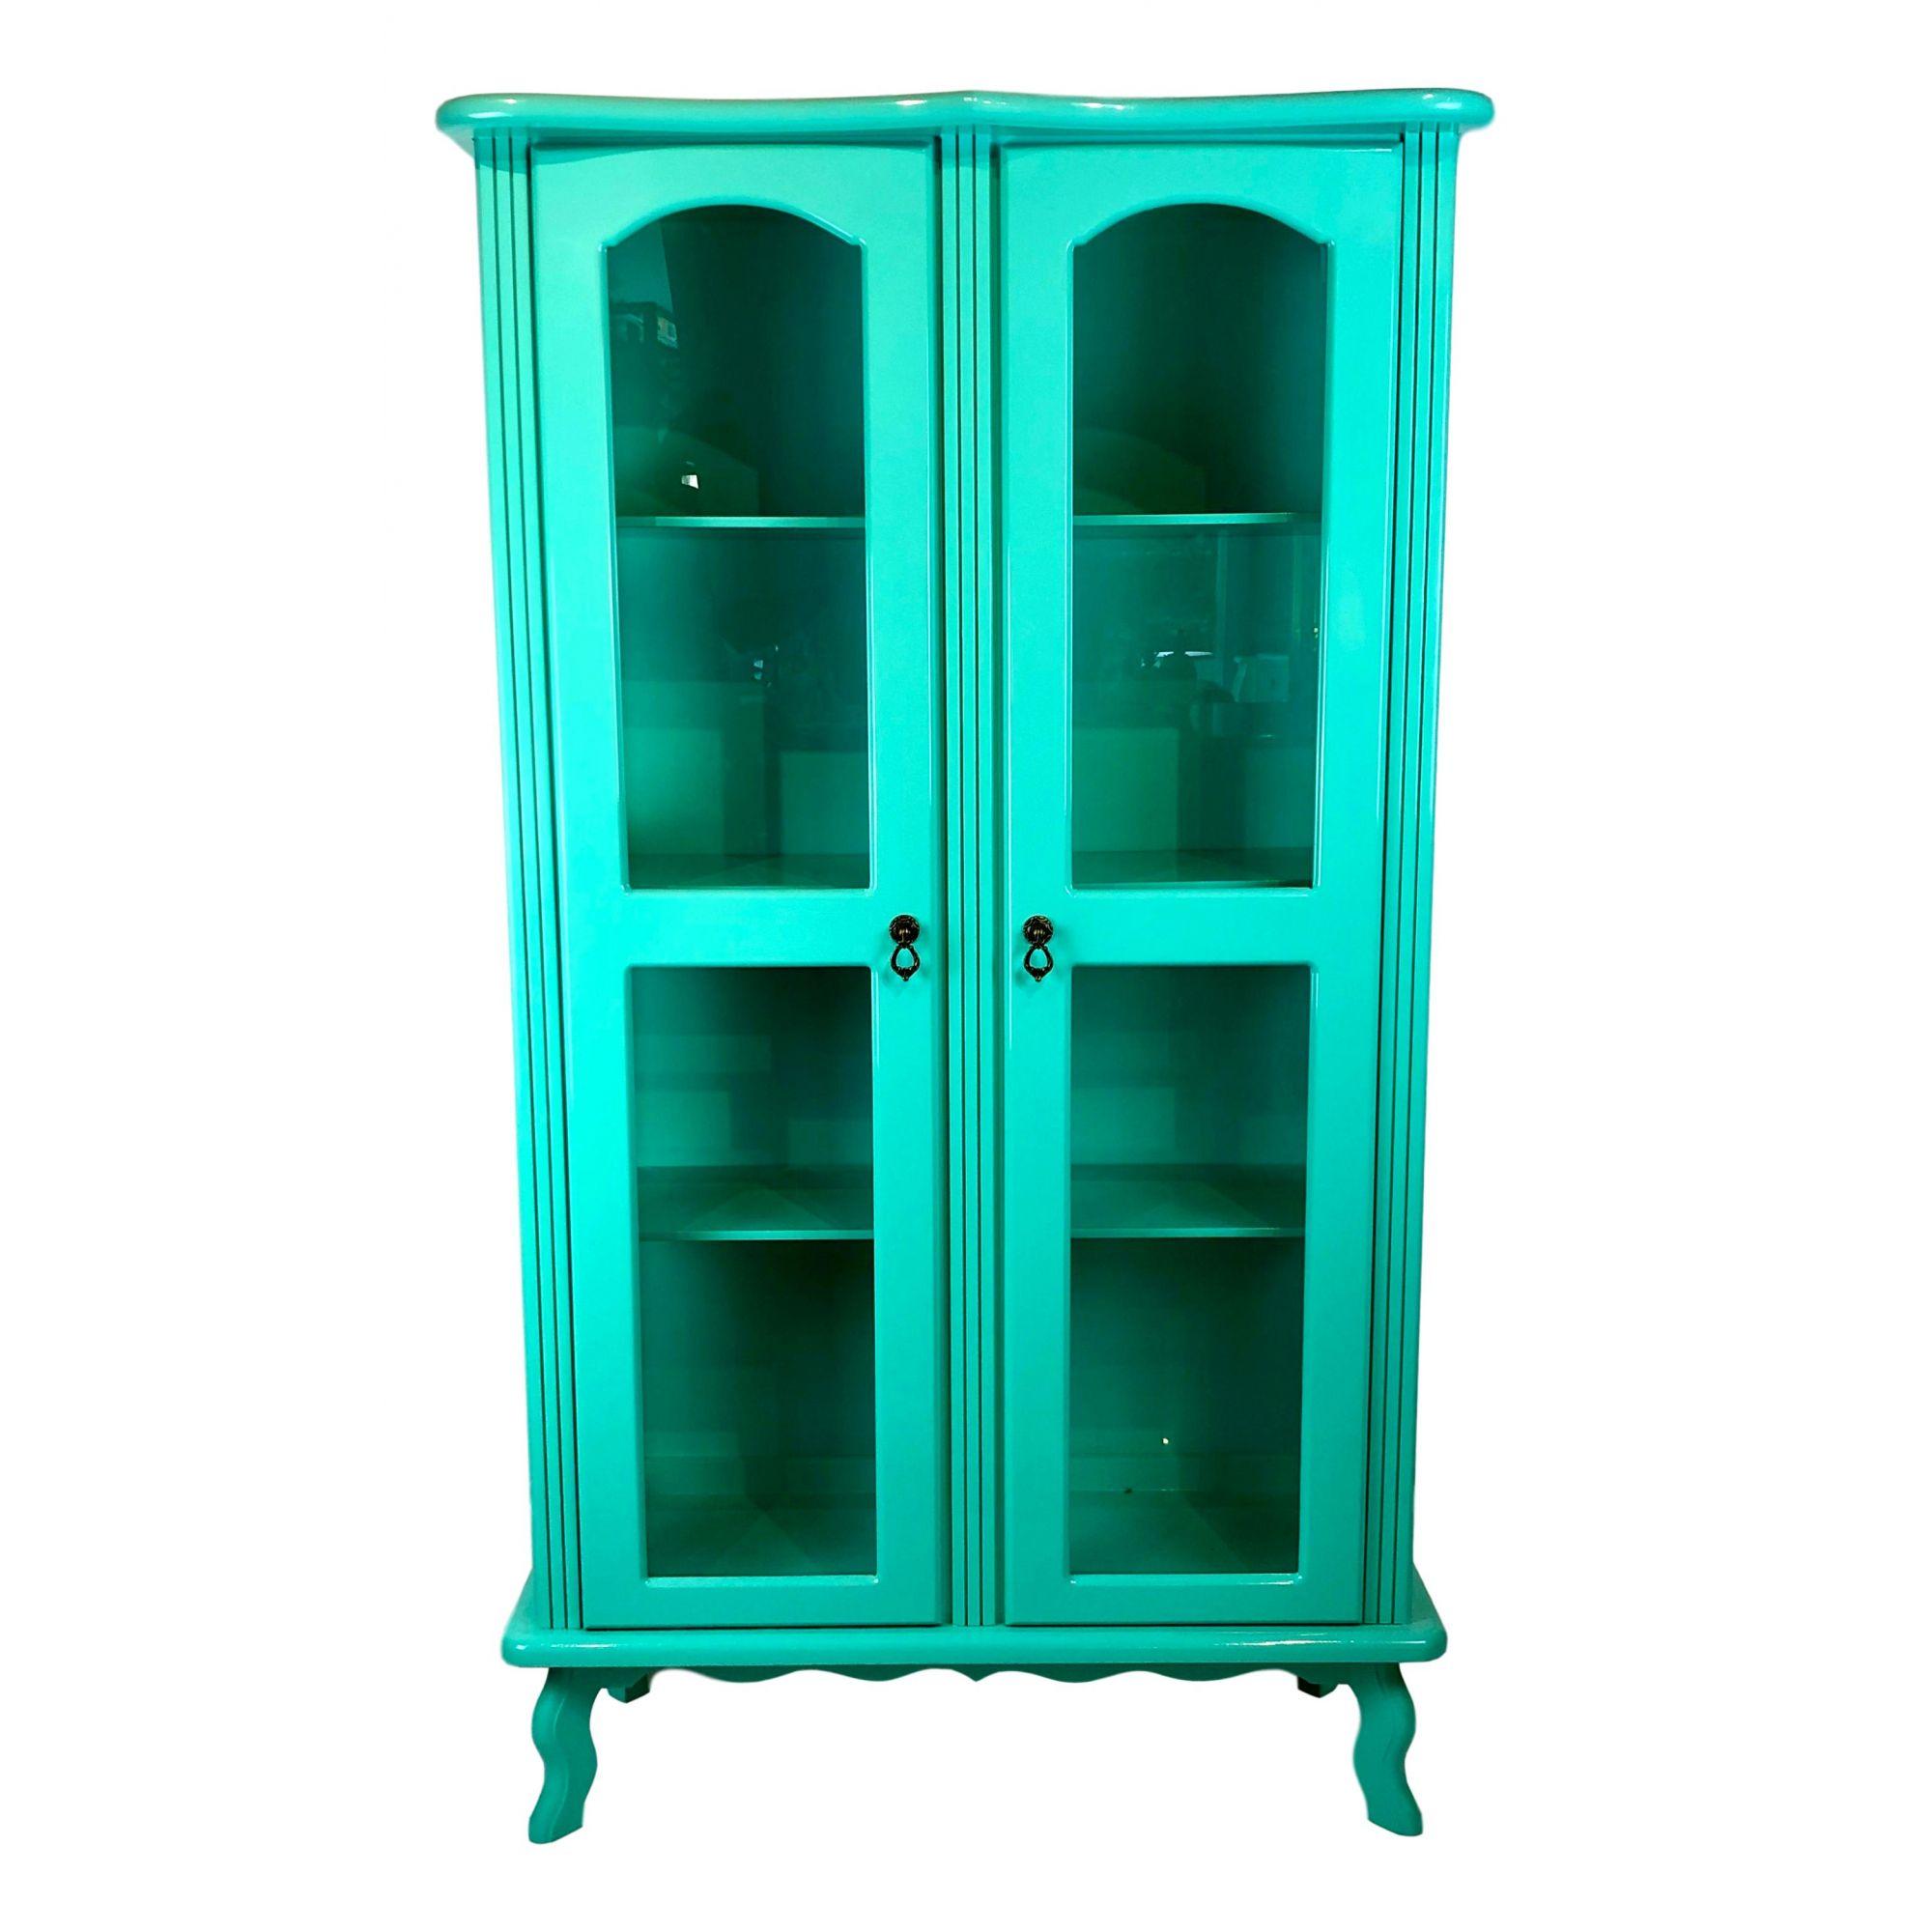 Cristaleira Colonial Azul Turquesa 2 portas